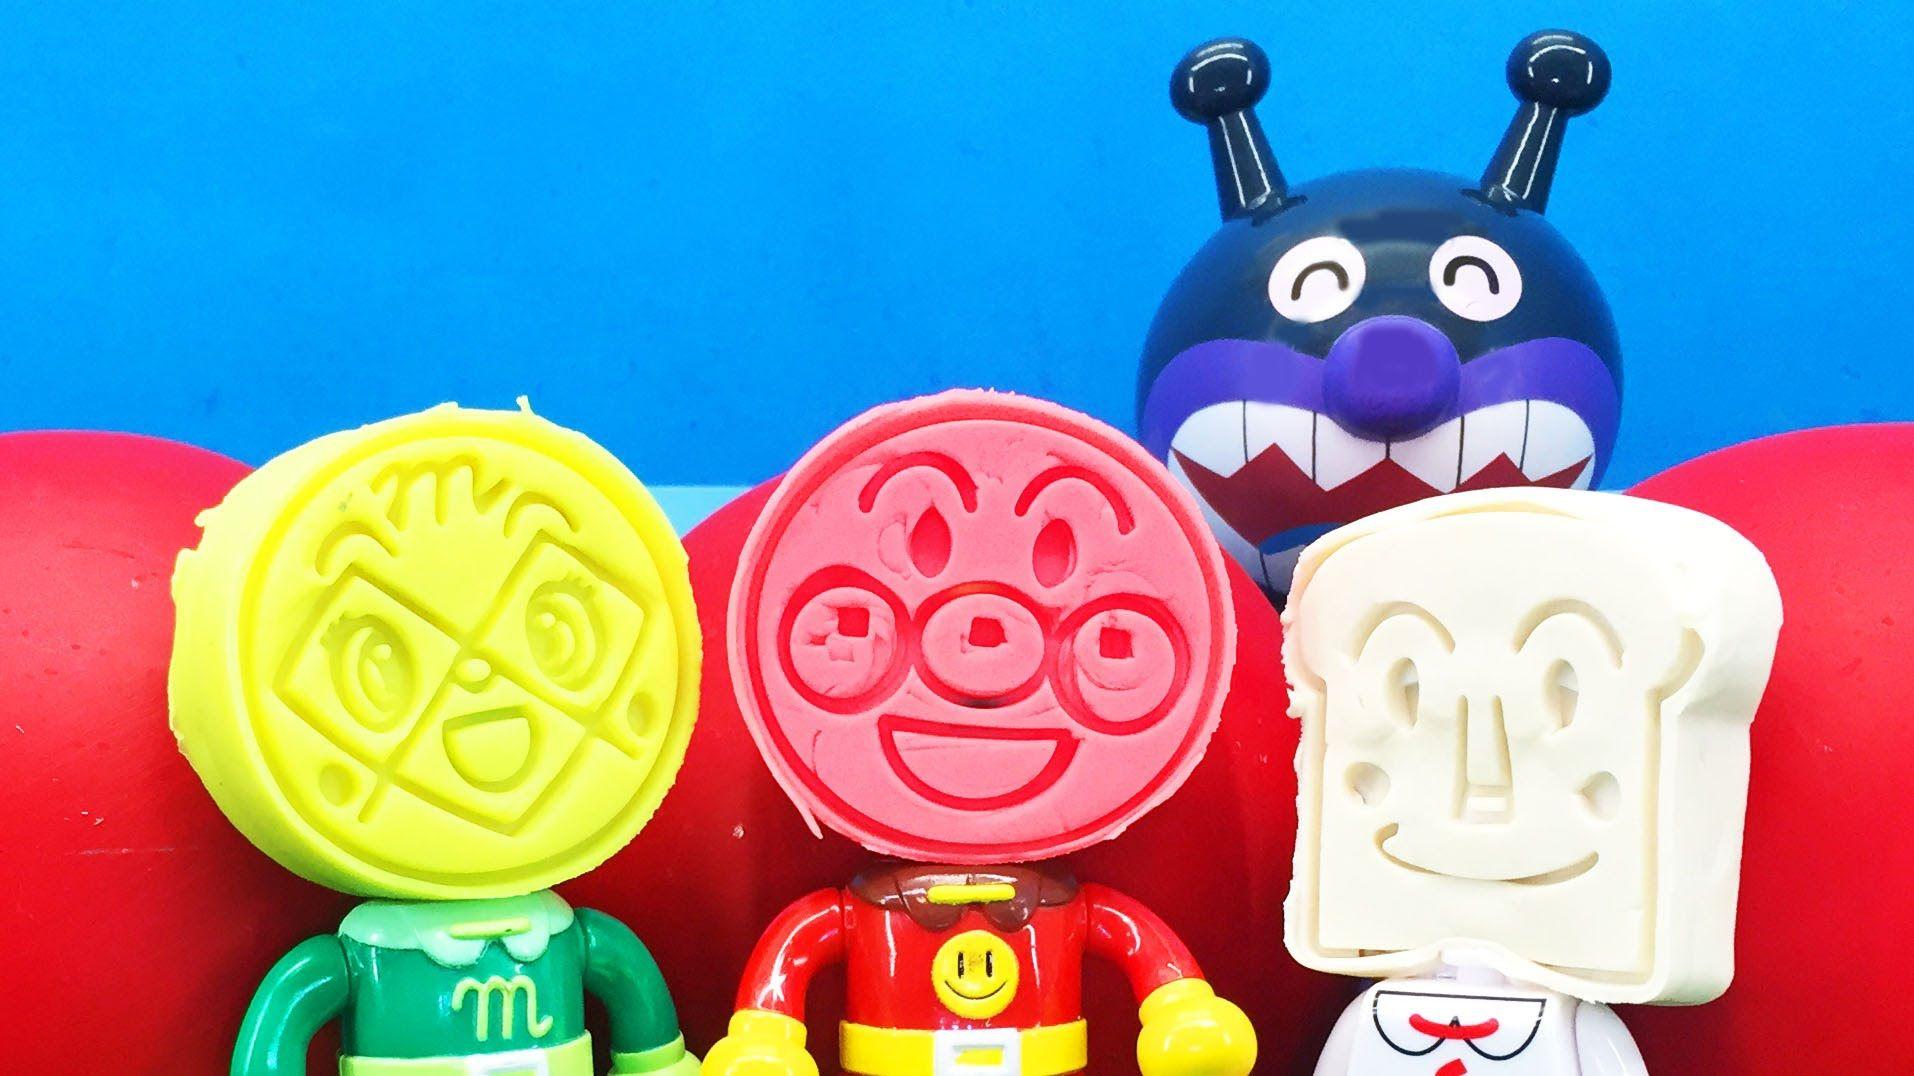 アンパンマン おもちゃアニメ ねんど遊び ねんどの顏から何が出るかな anpanman minitoys stopmotion clay play アンパンマン おもちゃ クリスマス オーナメント おもちゃ